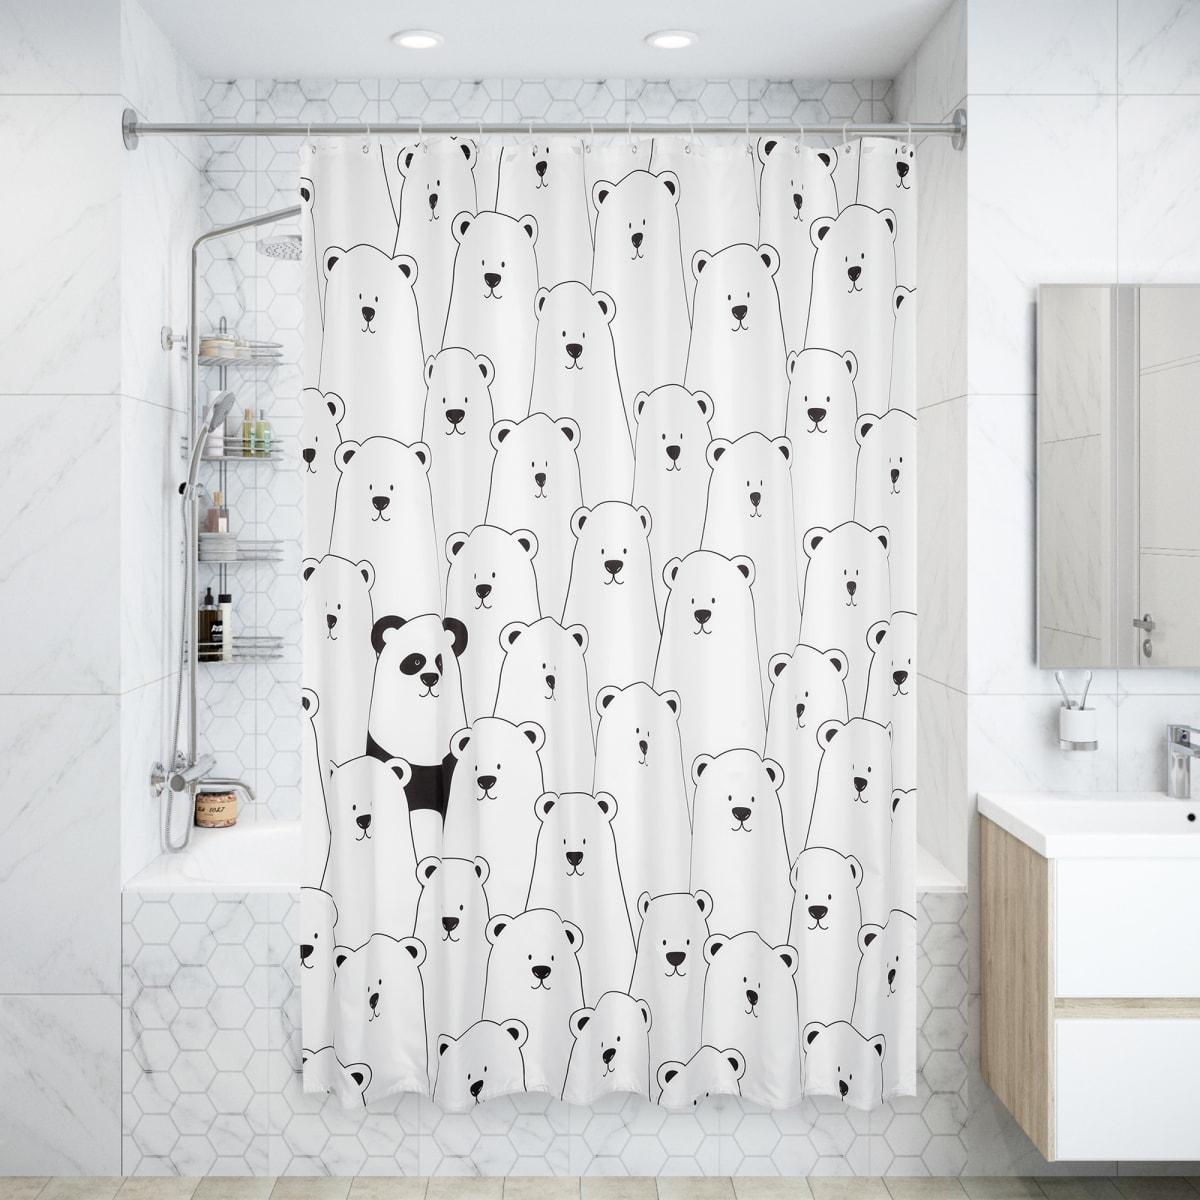 Штора для ванны Panda 180x200 см, полиэстер, цвет белый